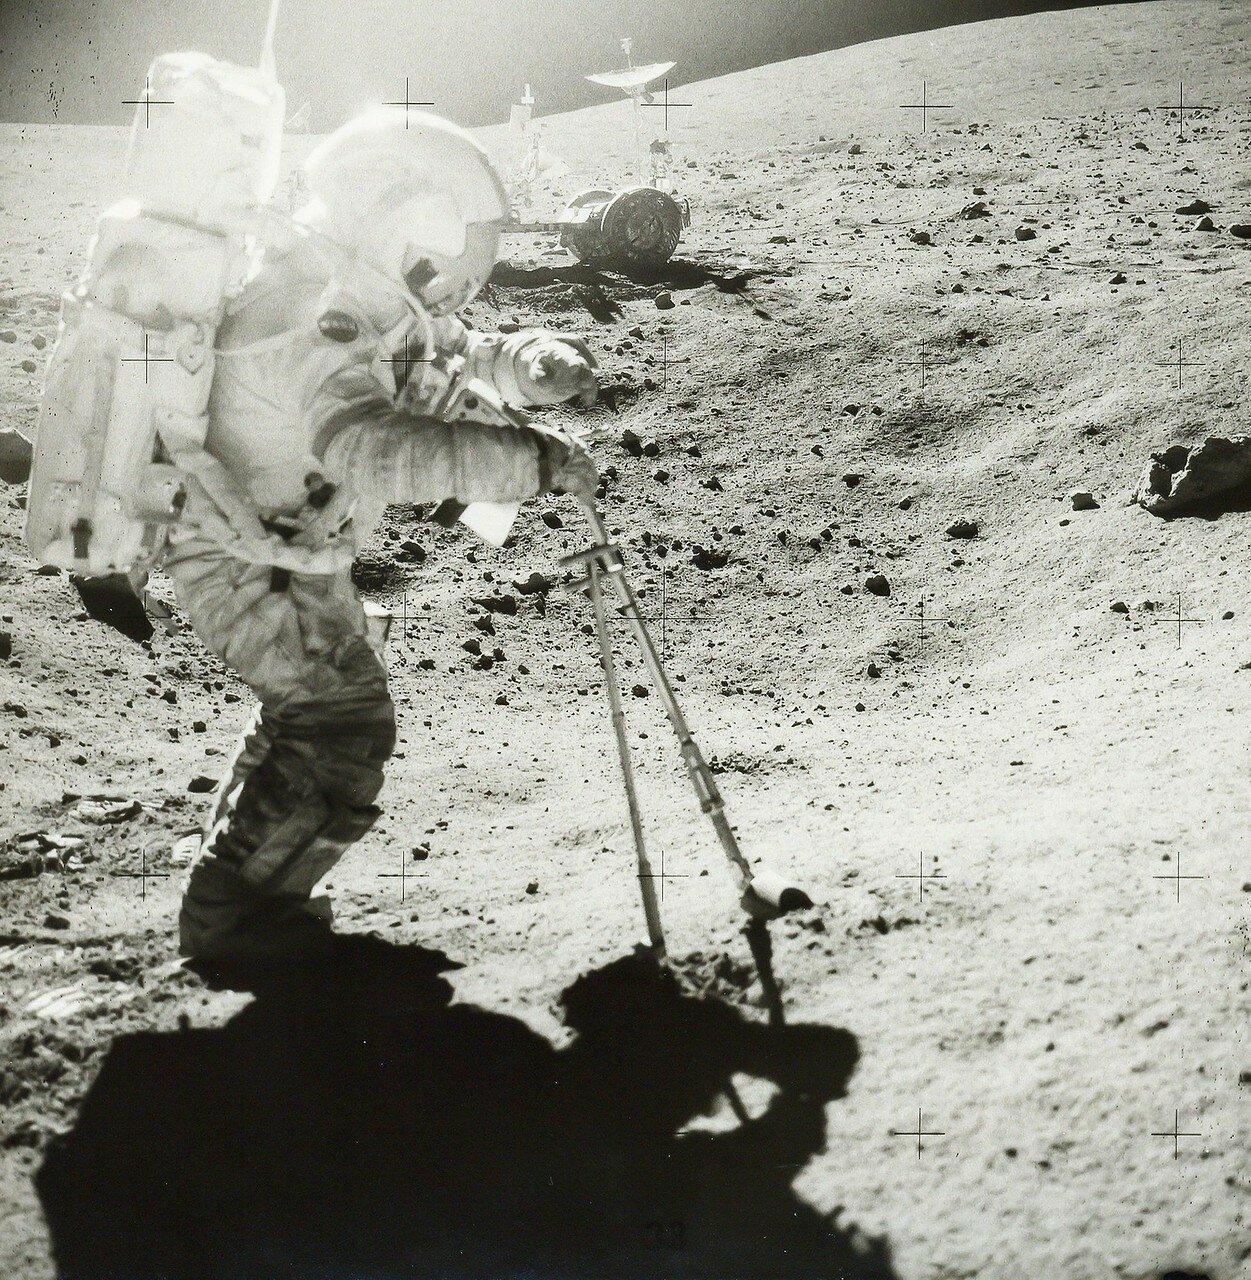 Теперь астронавтам нужно было проехать около 800 м в западном направлении и остановиться (англ. Station 8) для забора геологических образцов посреди одного из лучей выбросов из кратера Южный Луч. На снимке: Крупный план Джона Янга